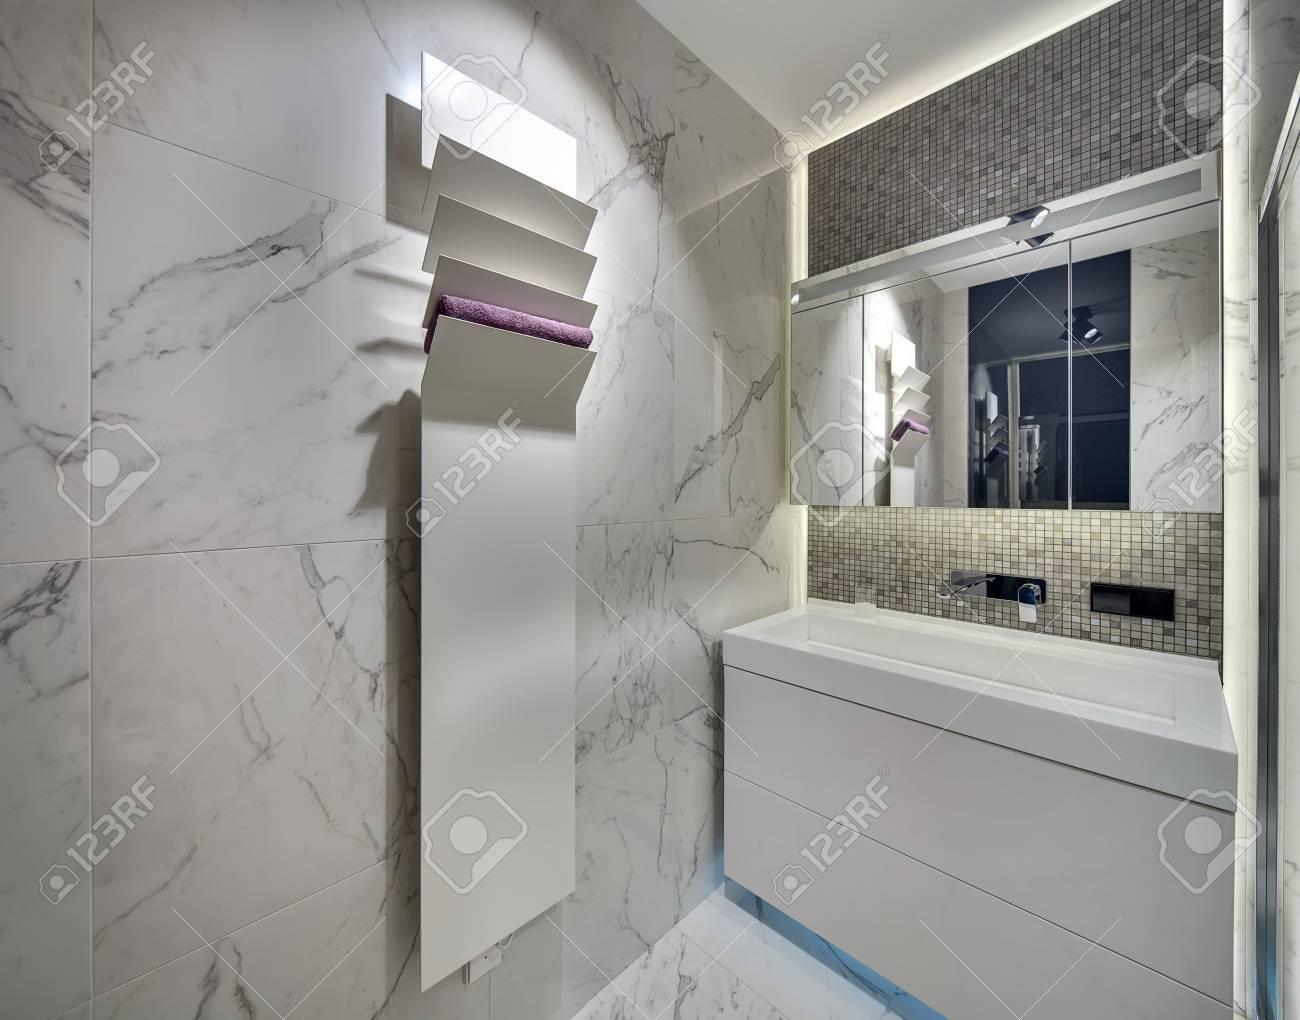 Immagini stock bagno moderno con piastrelle chiare sulle pareti